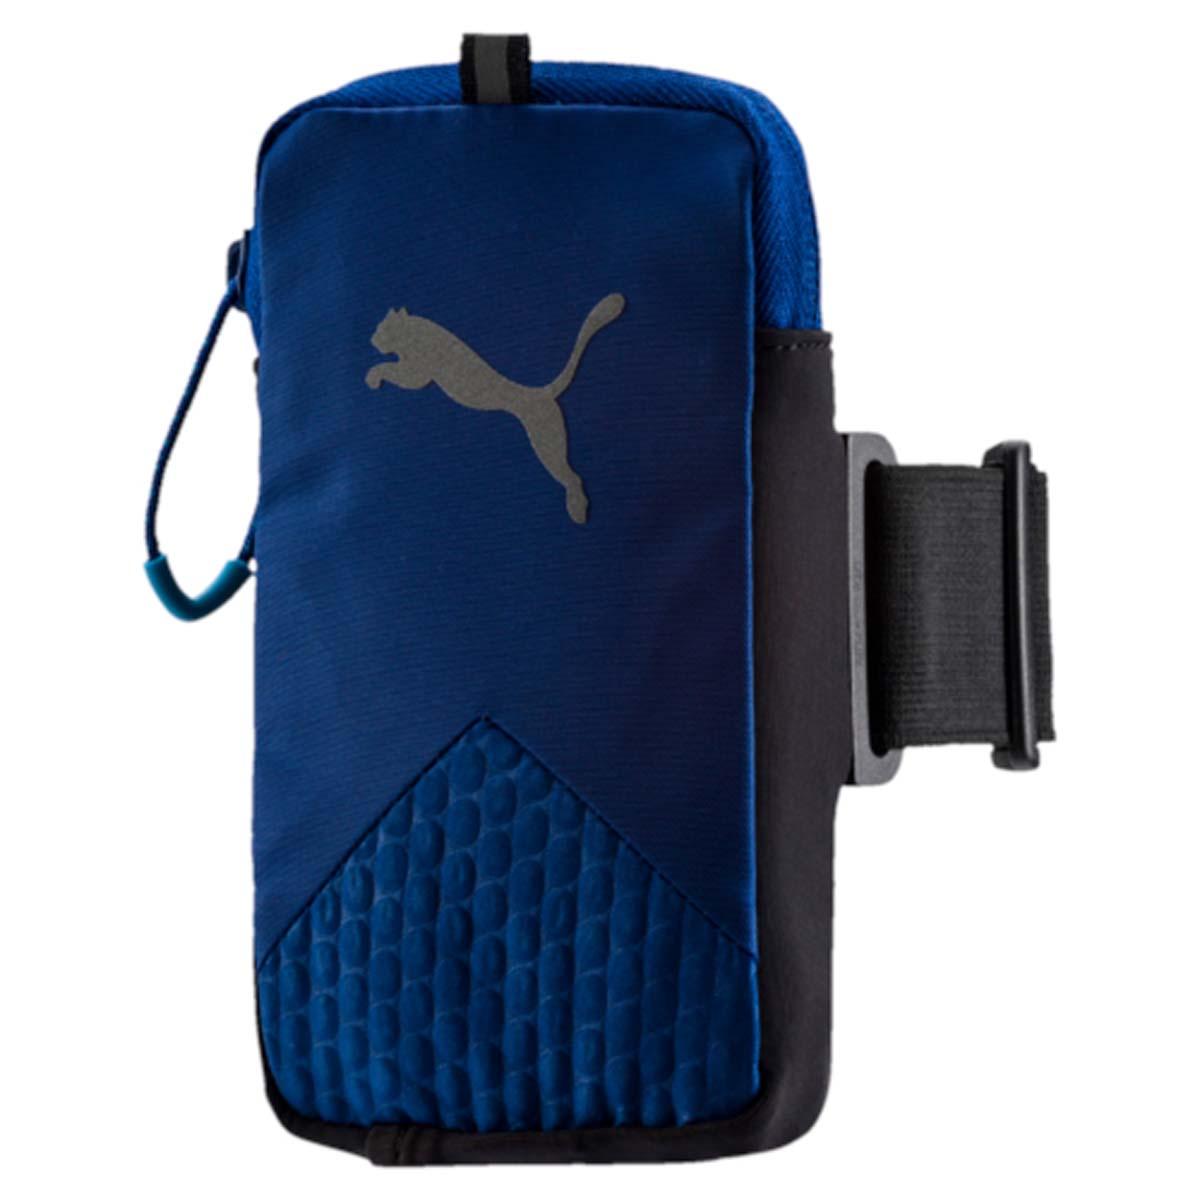 Сумка-чехол для моб устройств Puma Pr Arm Pocket, цвет: синий. 05314202GG-776Чехол на руку PR Arm Pocket - это незаменимый аксессуар для спортсменов и людей, ведущих активный образ жизни. Изделие предназначено для ношения смартфона. Оно крепится к плечу на эластичном ремне и оснащено специальным выходом для подключения наушников или гарнитуры. Подходит для электронных устройств размером 8 см x 14 см. Основное отделение на застежке-молнии. У модели сетчатая вставка на задней части, выход для аудио-кабеля, светоотражающие шнурки на застежках-молниях, светоотражающий логотип бренда.